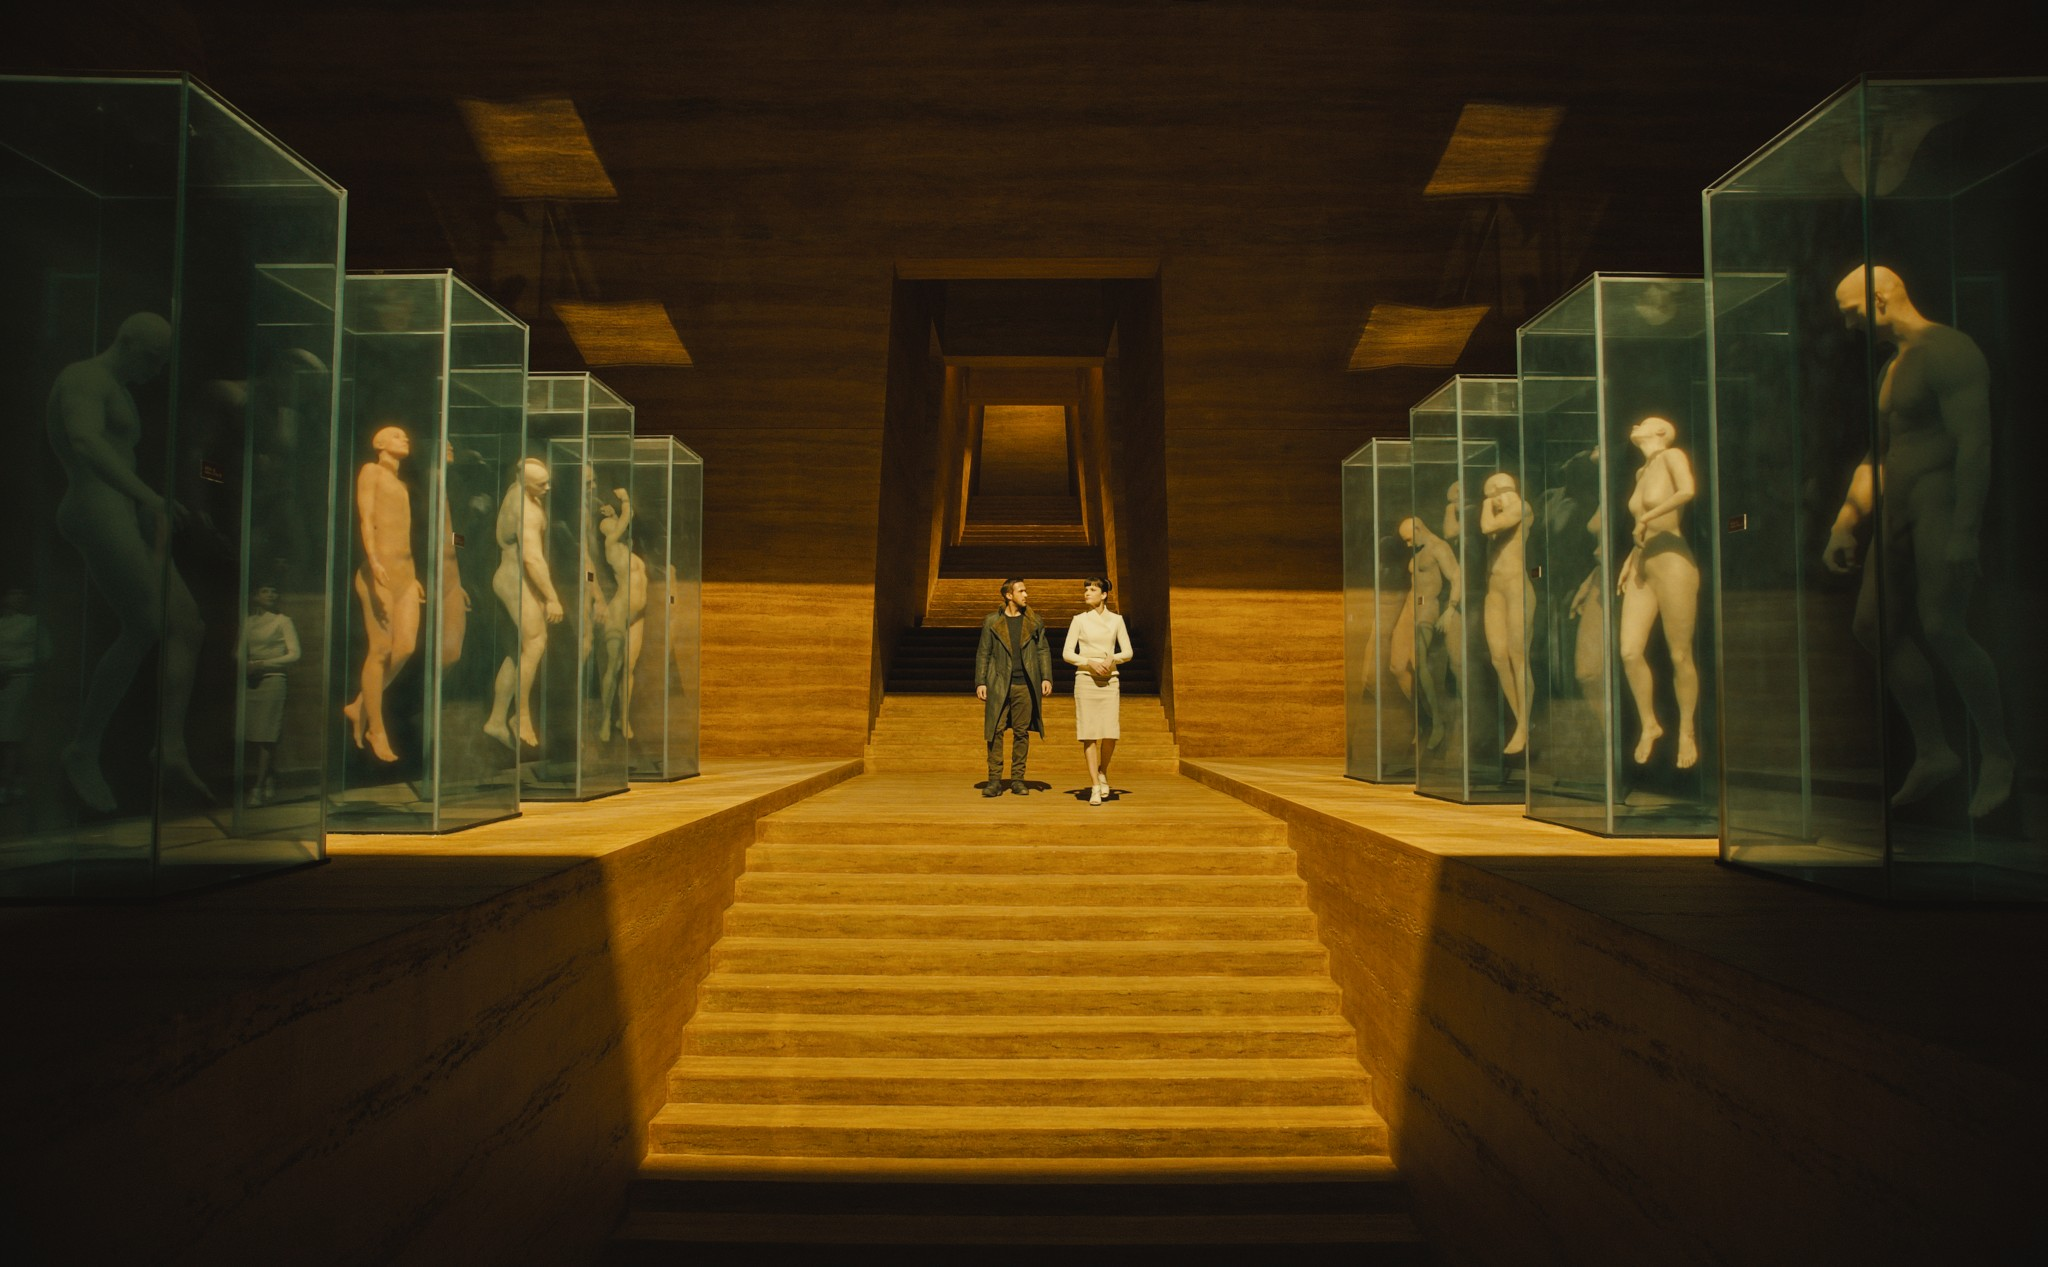 【Accupass X 釀電影】從《2009月球漫遊》和《銀翼殺手》,看人類走向無邊的荒涼